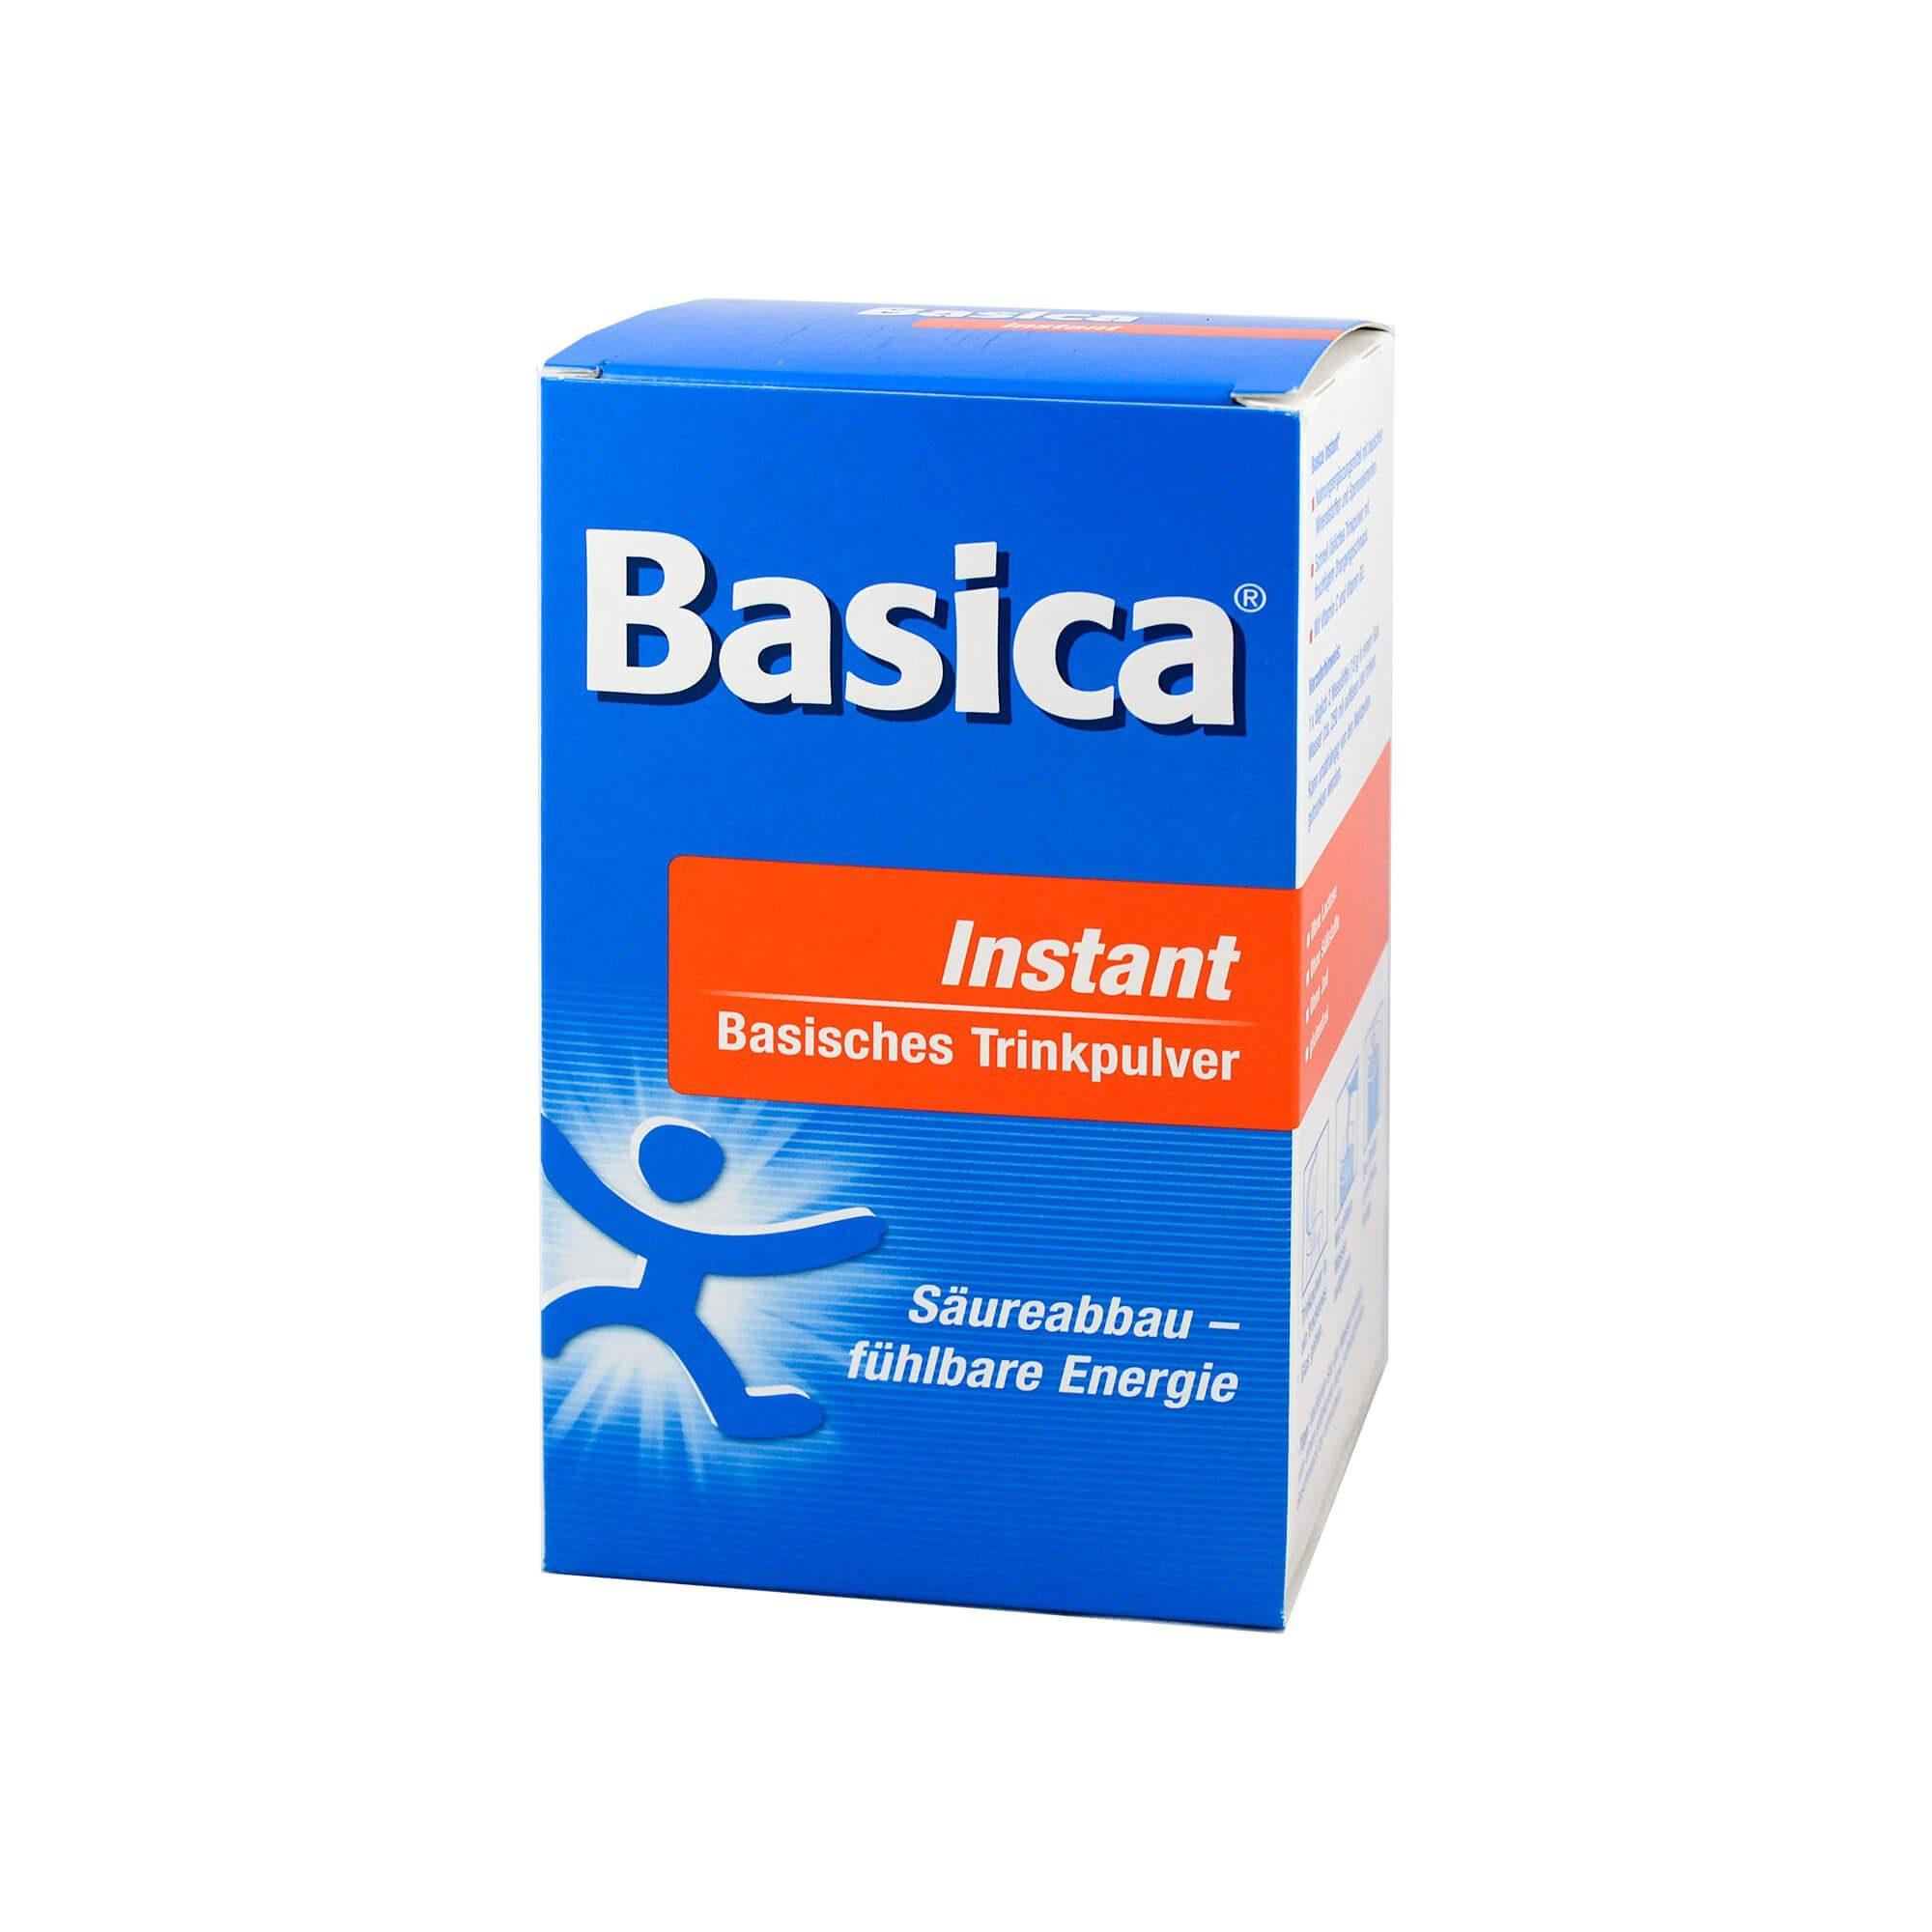 Basica Basica Instant , 300 g